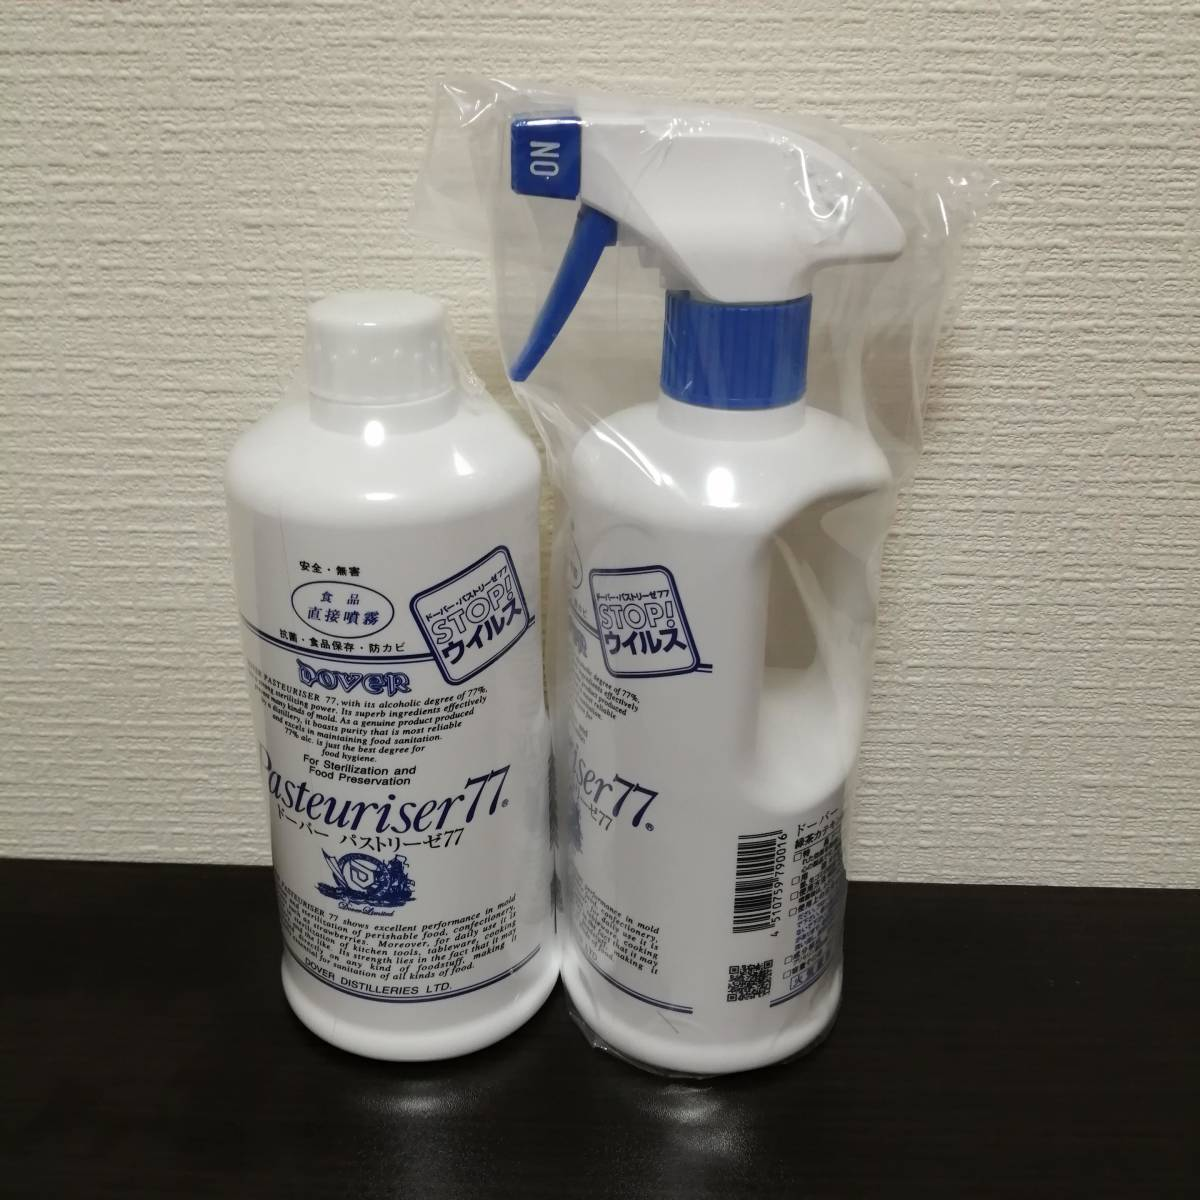 新品 未使用 ドーバー パストリーゼ77 スプレー 500ml & 詰め替え用 500ml セット 消毒 除菌 スプレー 手ピカジェル ビオレU